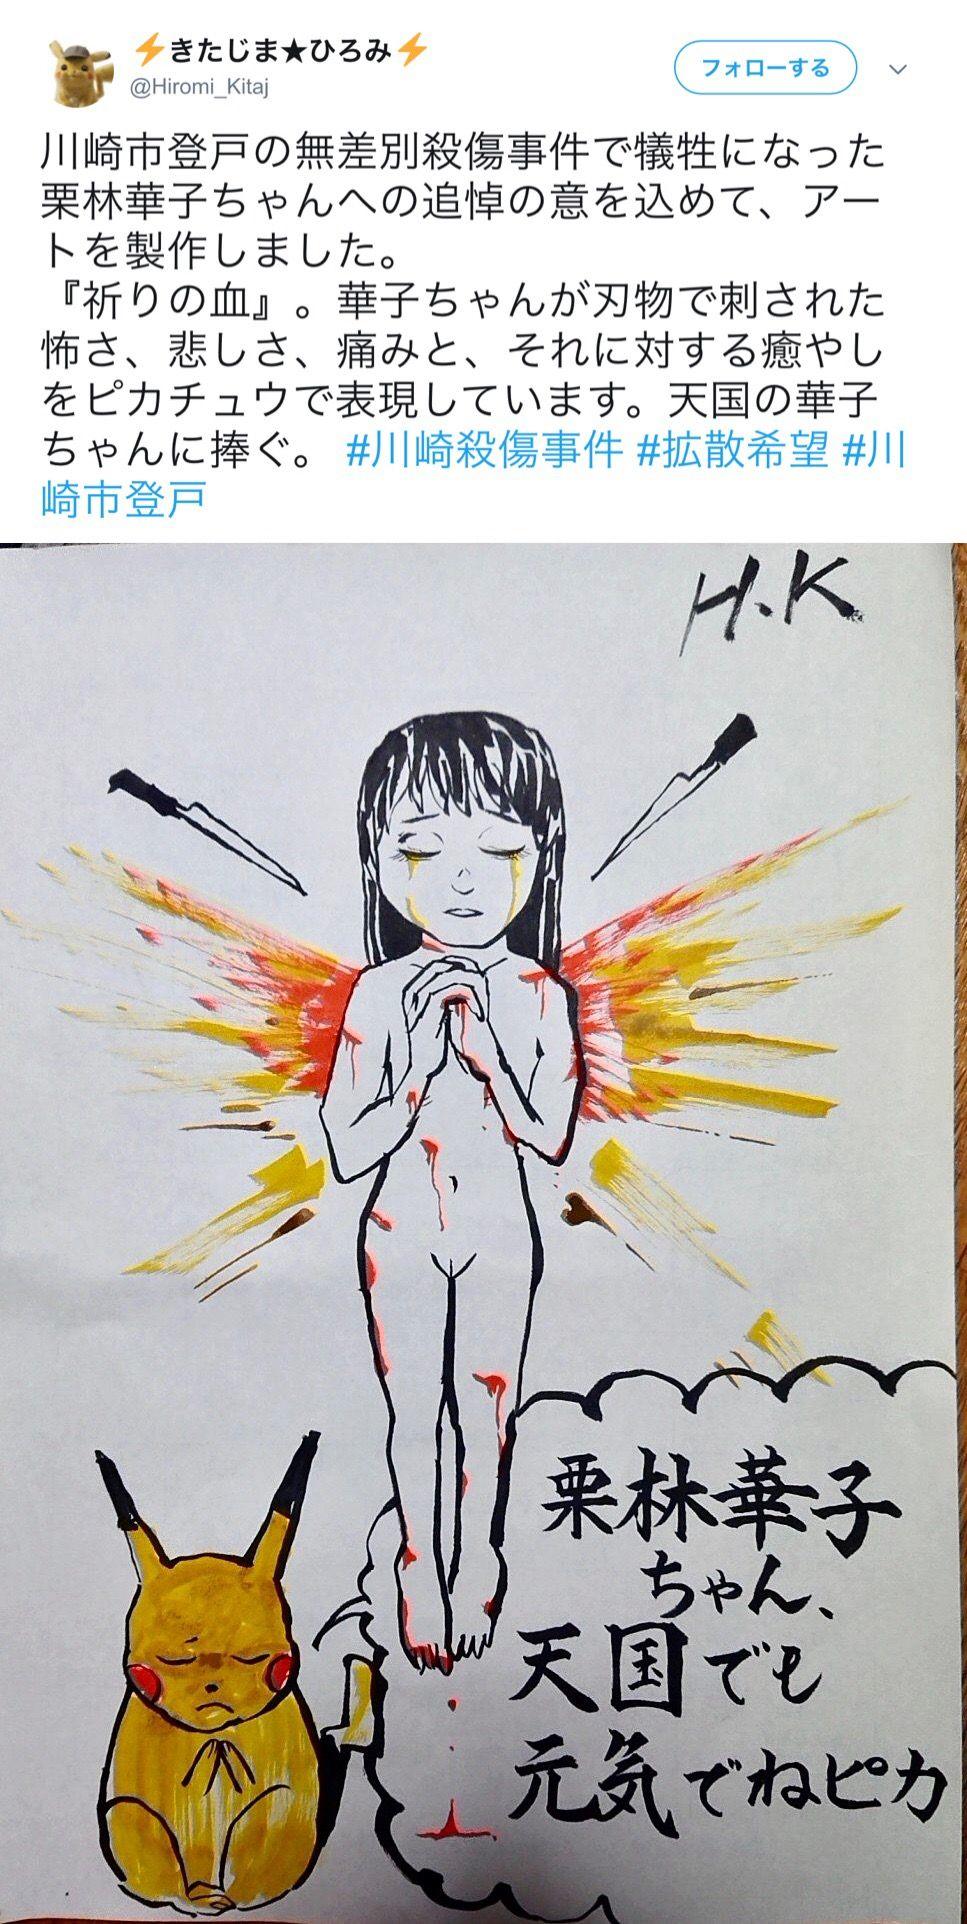 フジテレビが川崎殺傷事件でゲームを悪者にする報道/猛烈批判「容疑者宅にゲーム機と報道」 #炎上